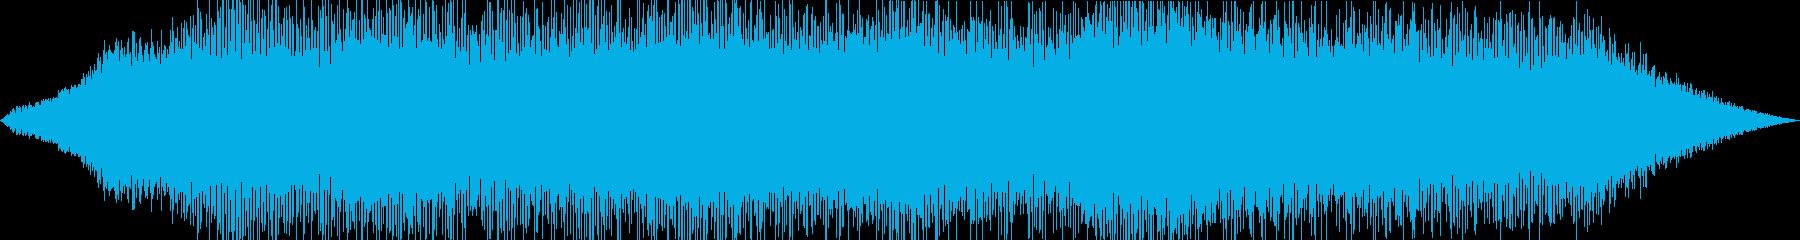 アンビエントです。の再生済みの波形